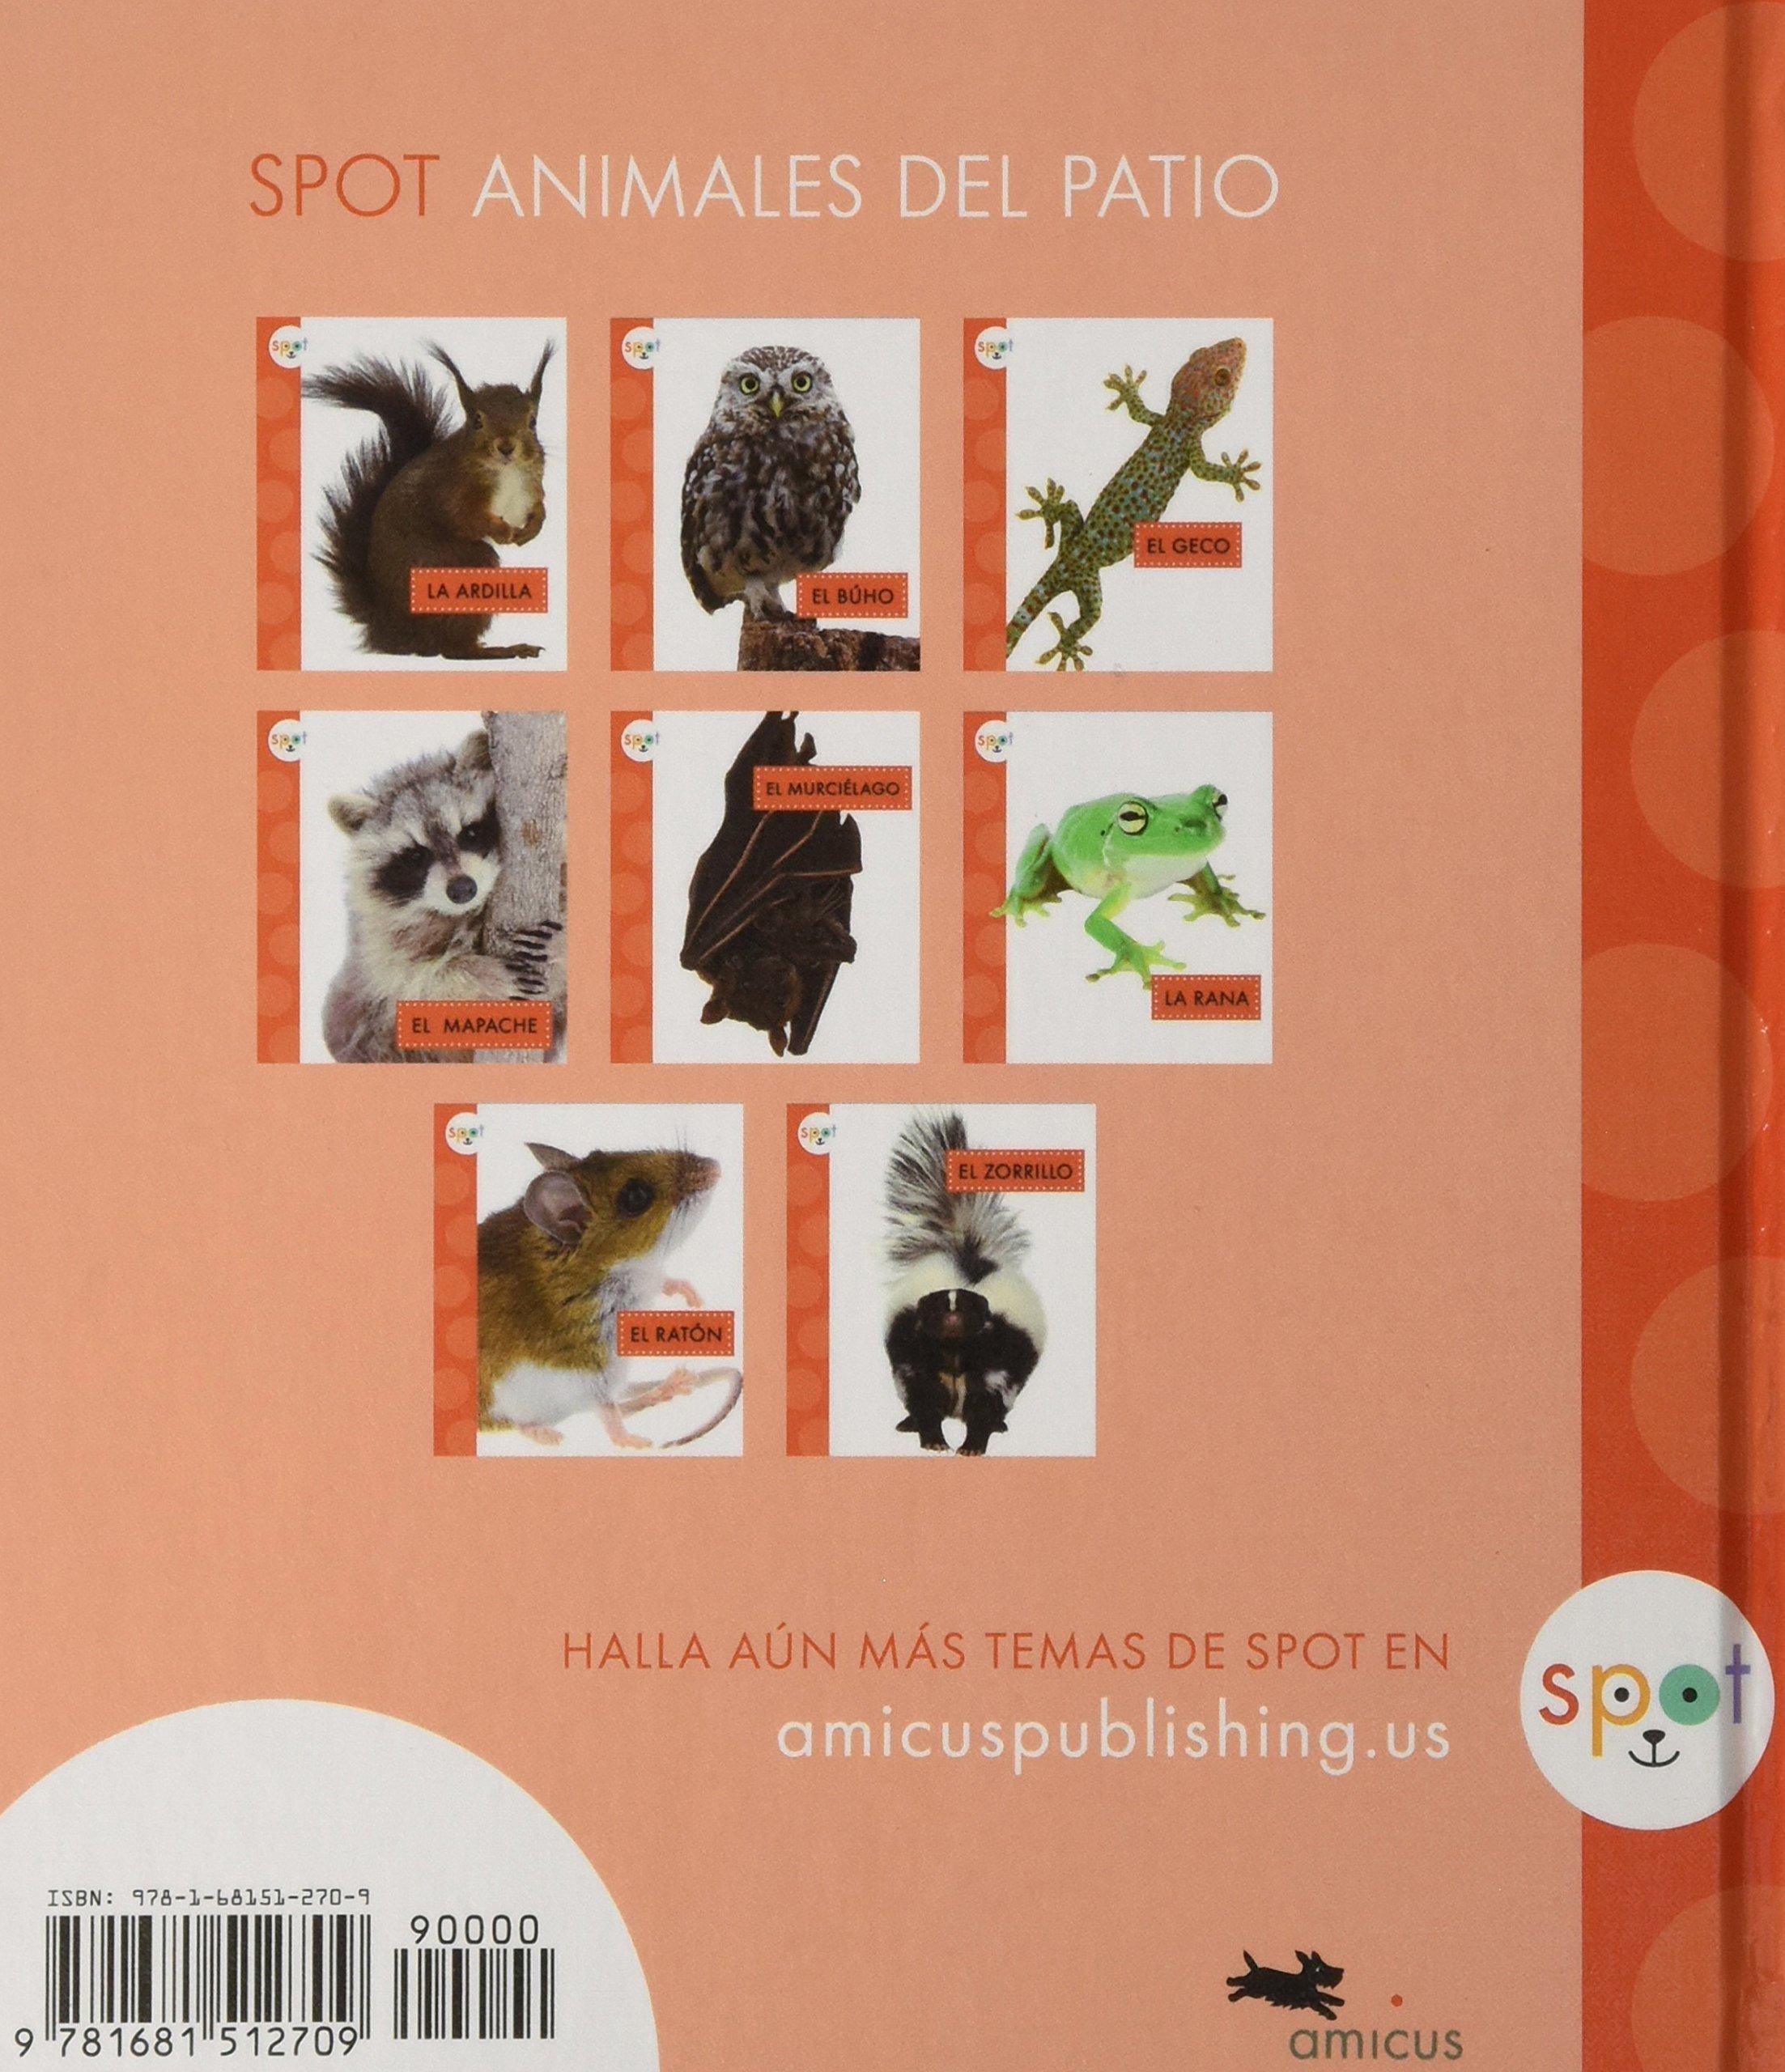 El Murciélago / Bats (Spot Animales del patio) (Spanish Edition) by Amicus (Image #2)